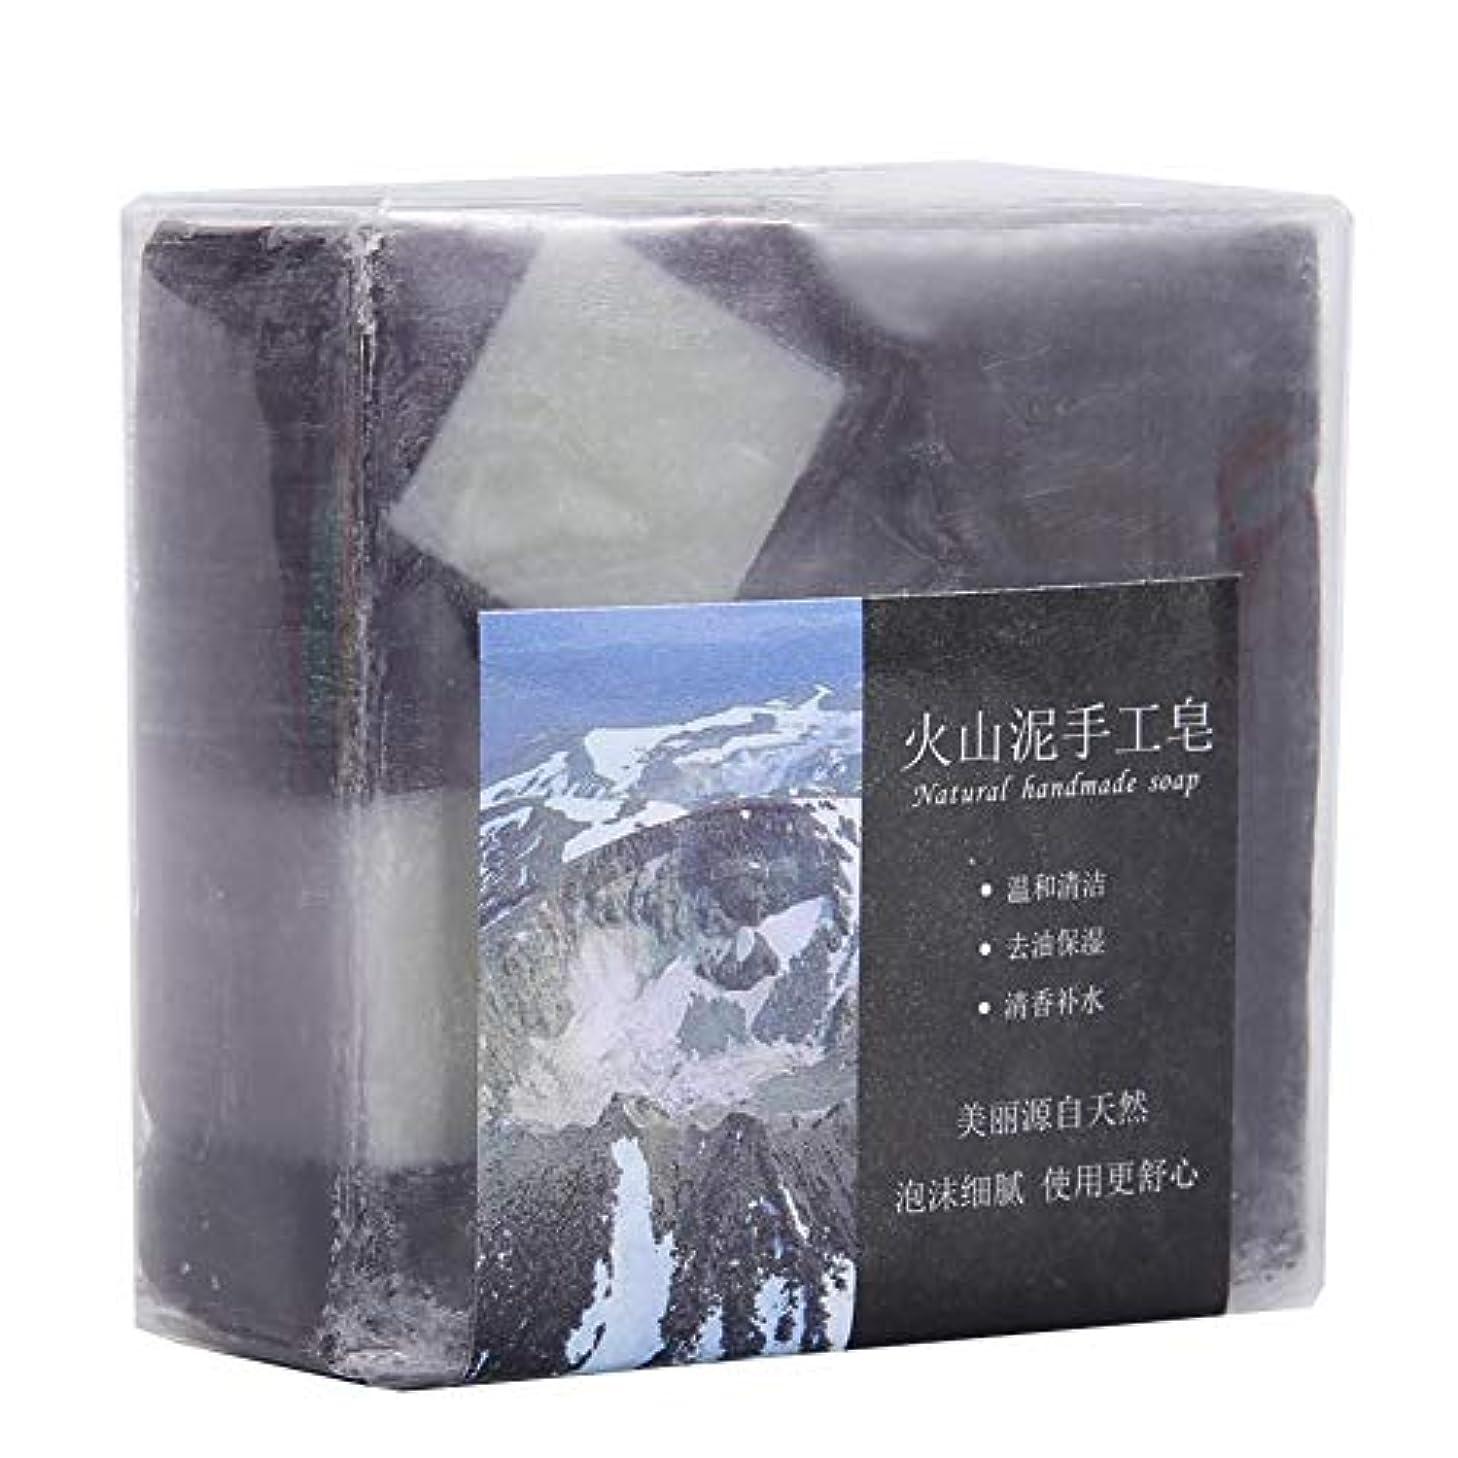 ヘッドレスクリープバンクディープクリーニング 火山泥 ハンドメイドグリース 保湿石鹸用 100 G 手作り石鹸